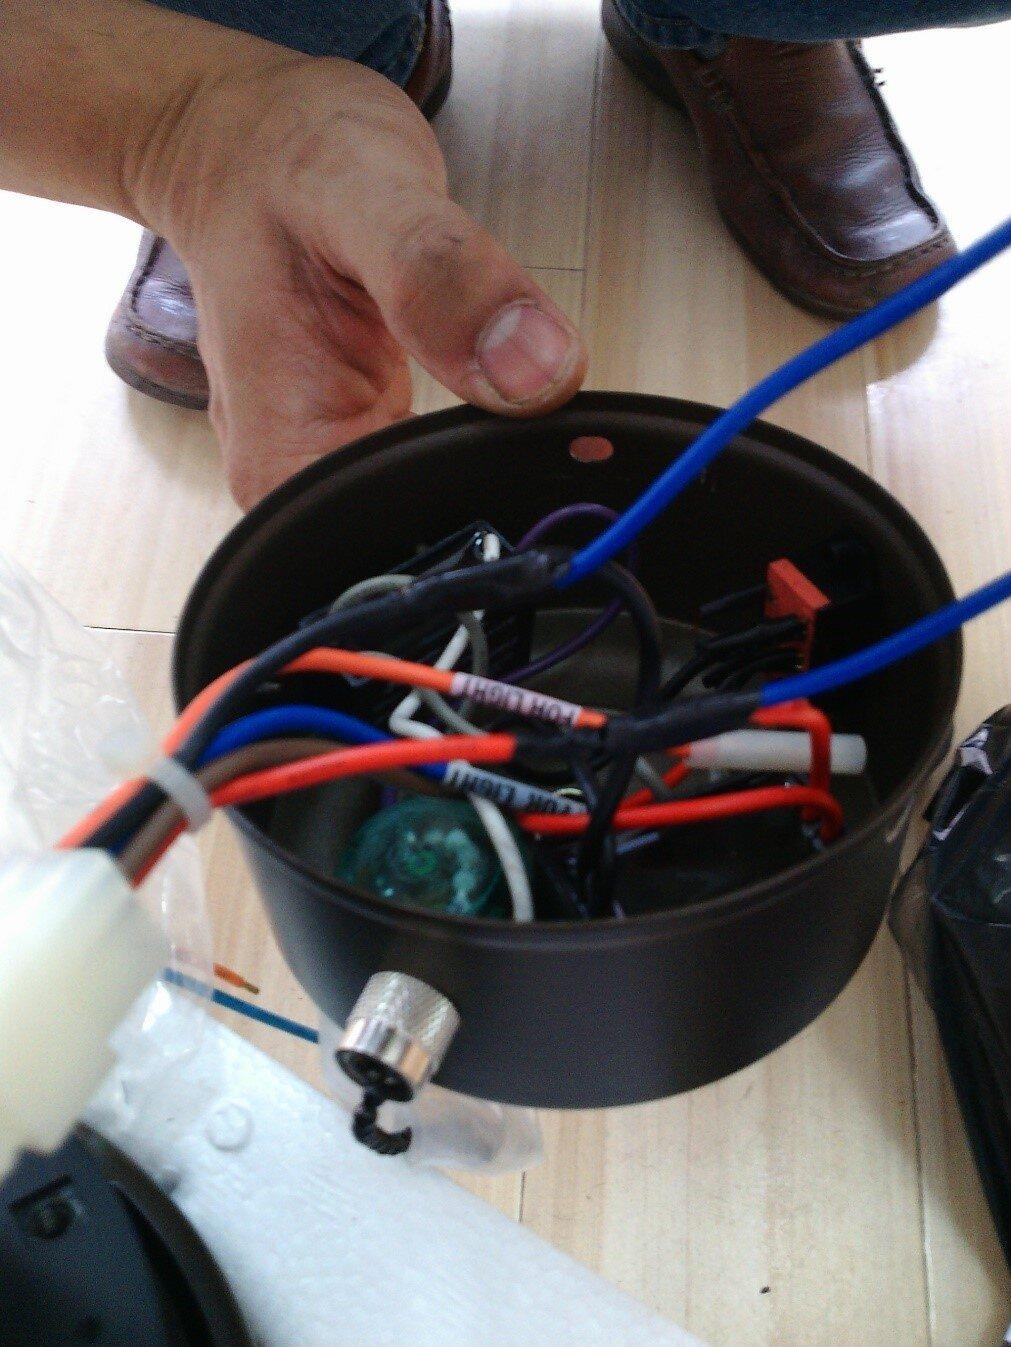 Cách luồn dây điện vào thanh treo